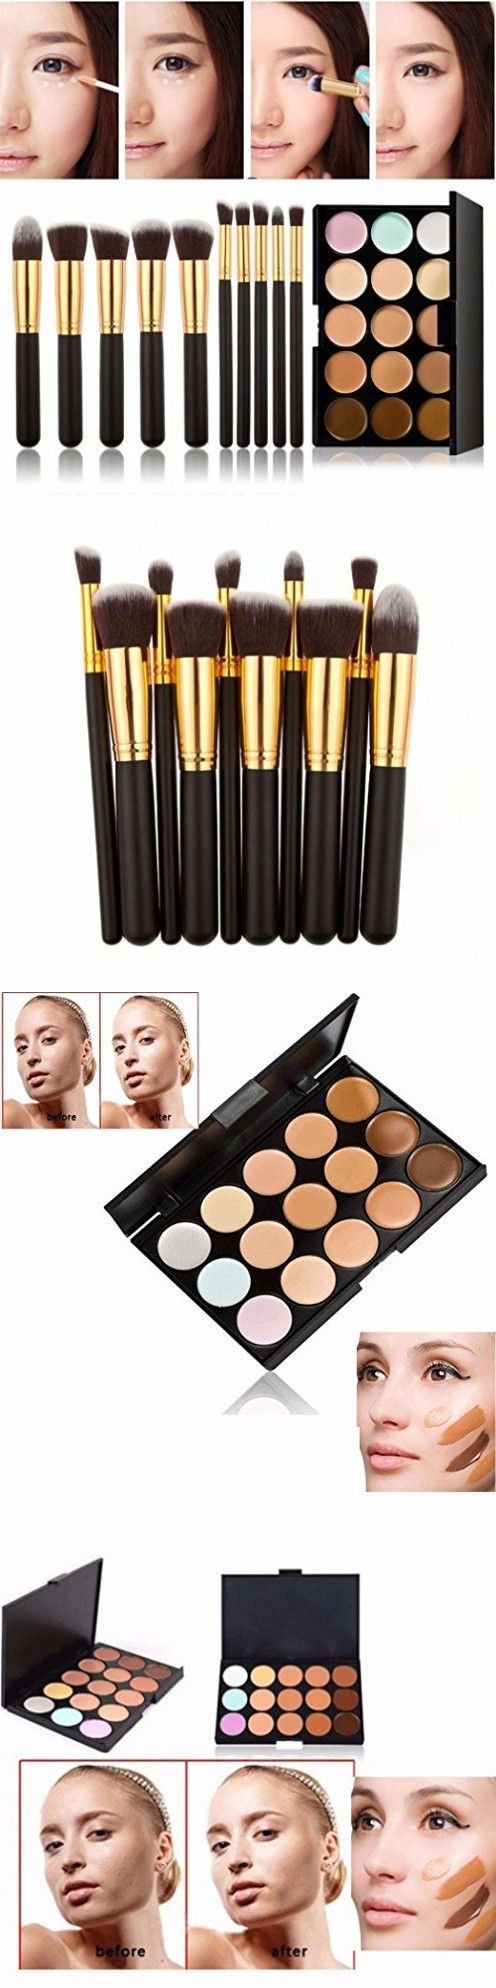 CoKate 10PC Makeup Brush Set with 15 Colors Pro Contour